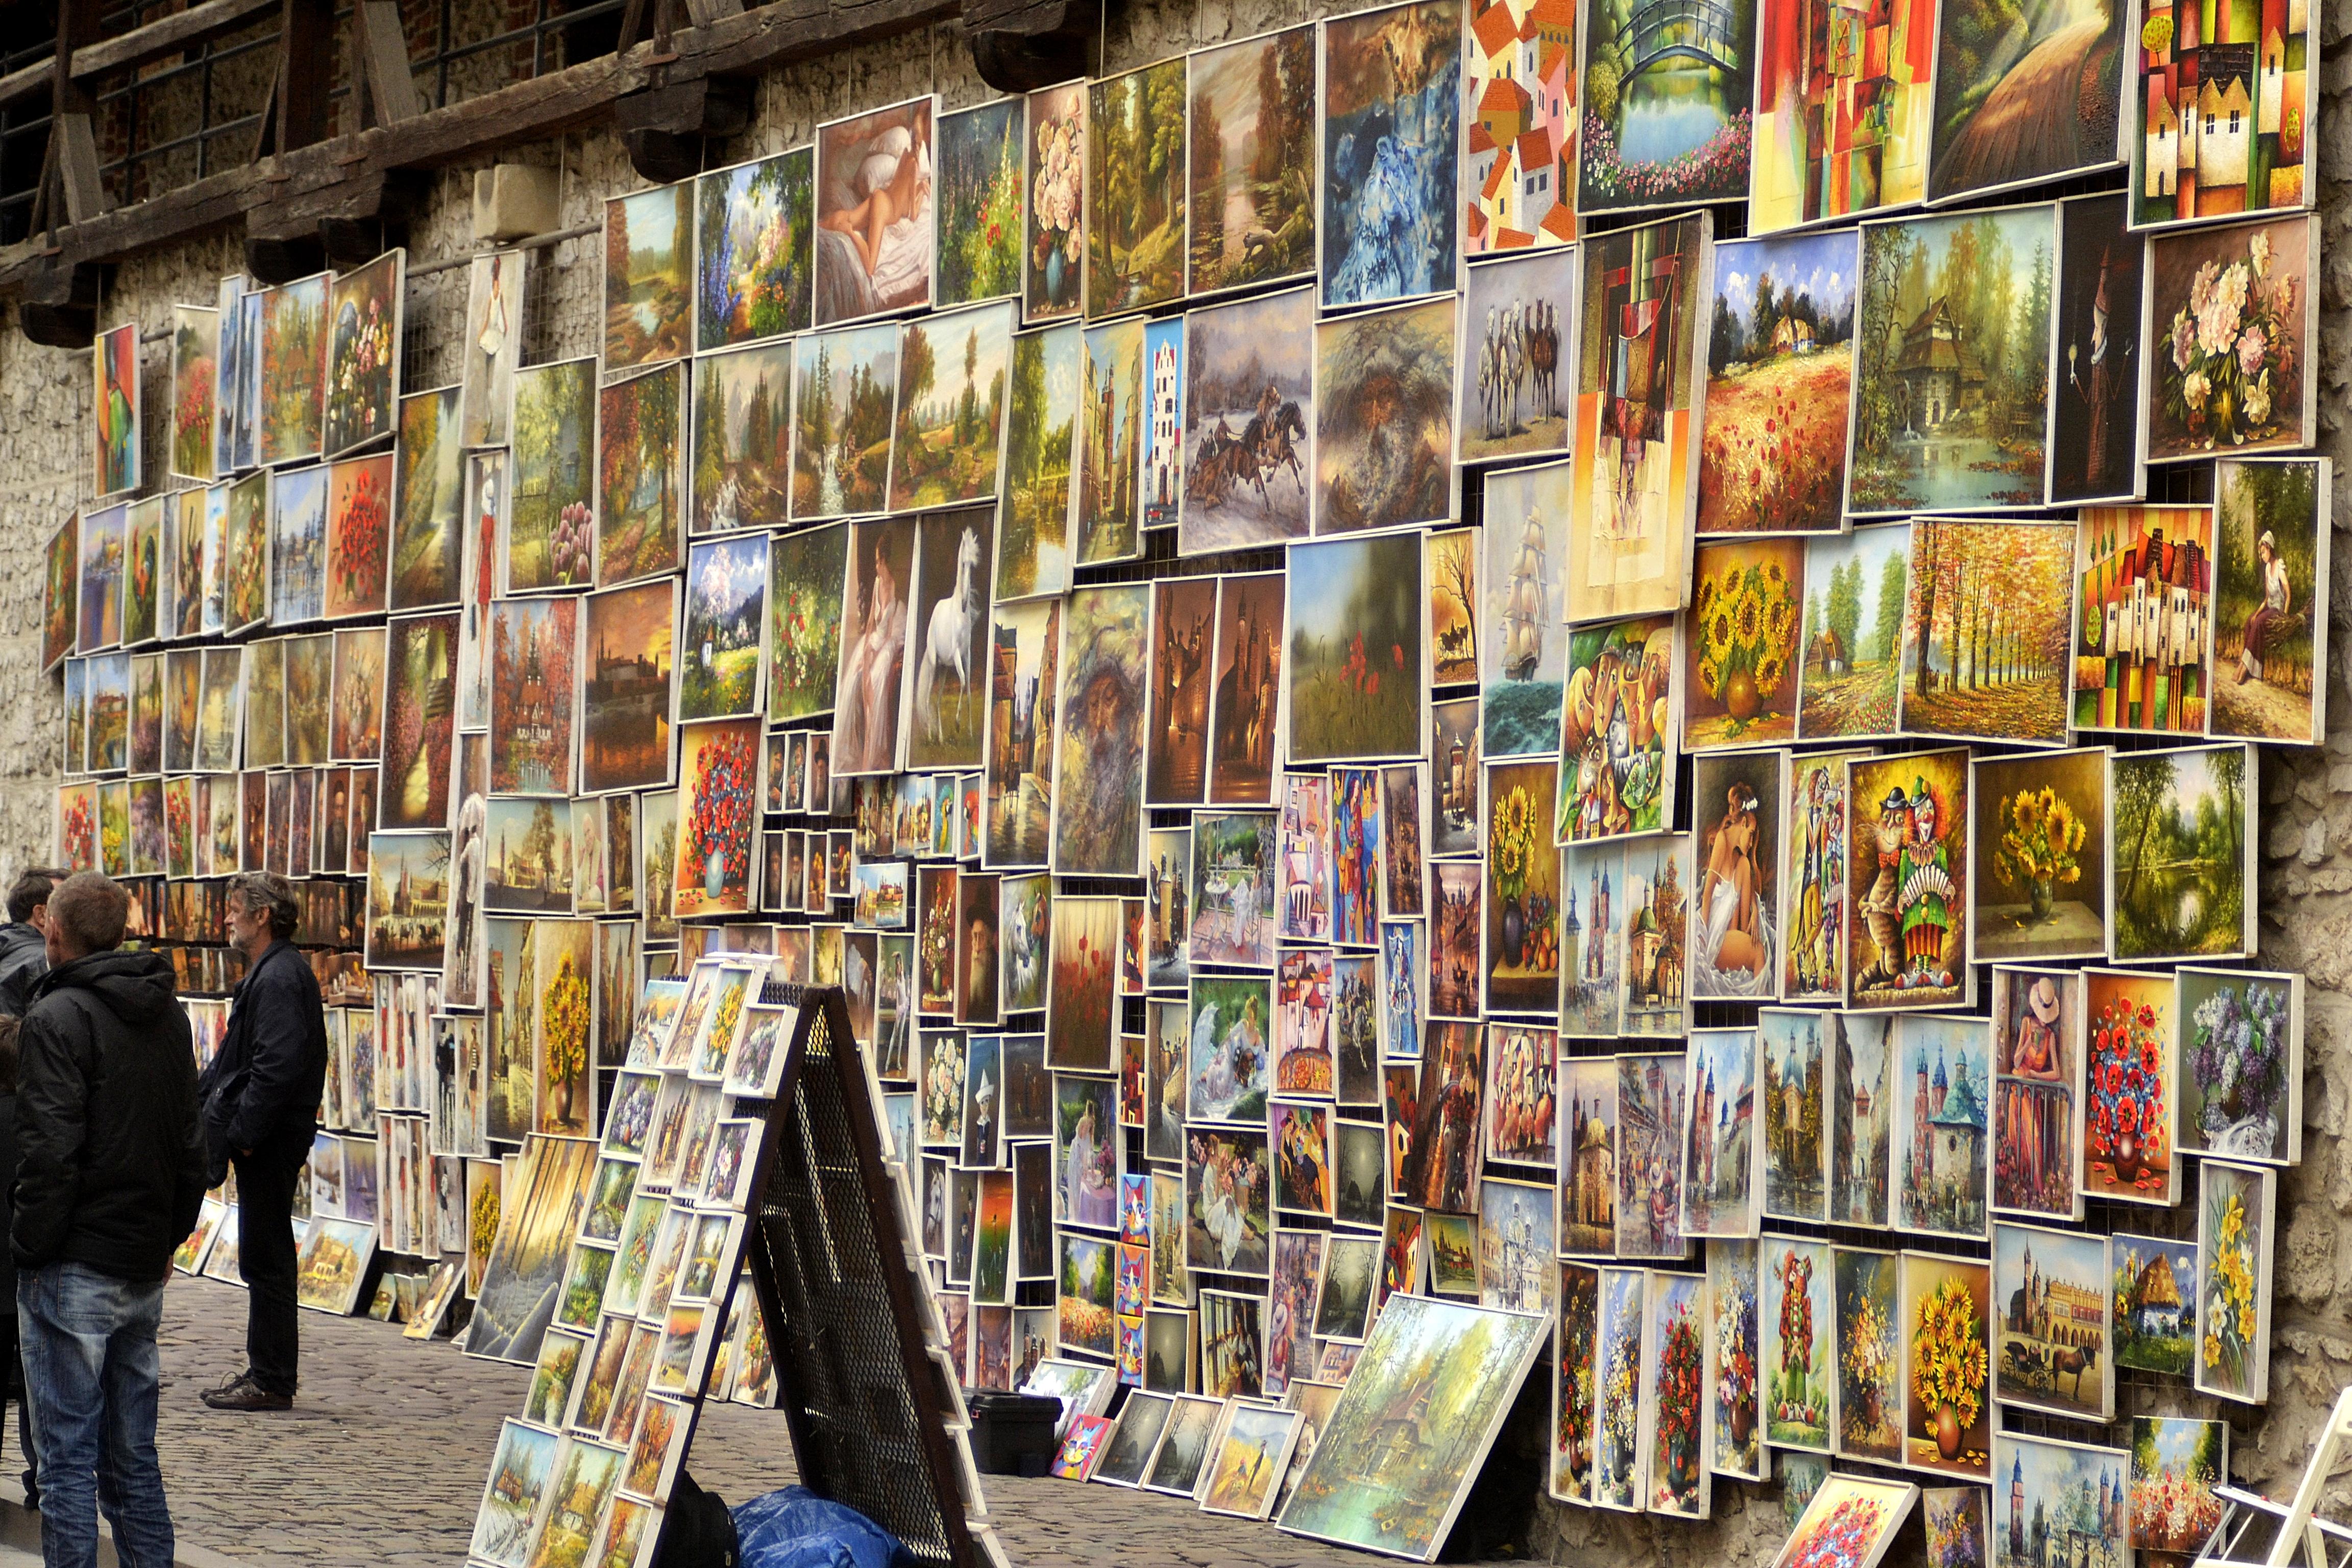 Wall Of Art wall of artroky320 on deviantart